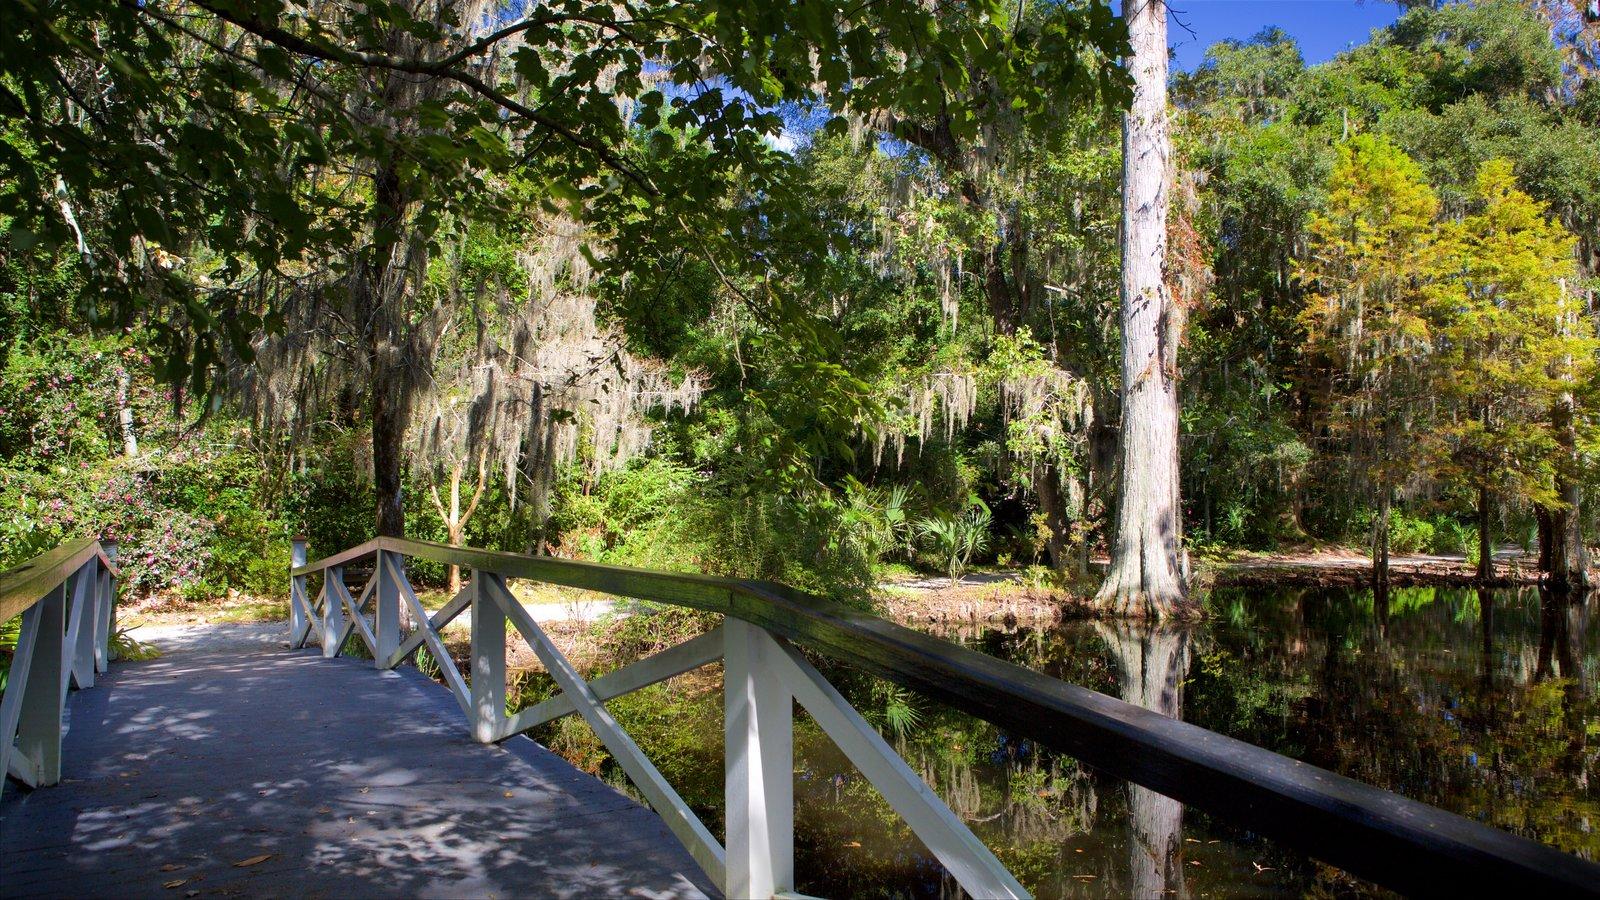 Magnolia Plantation and Gardens que inclui um rio ou córrego, uma ponte e um jardim